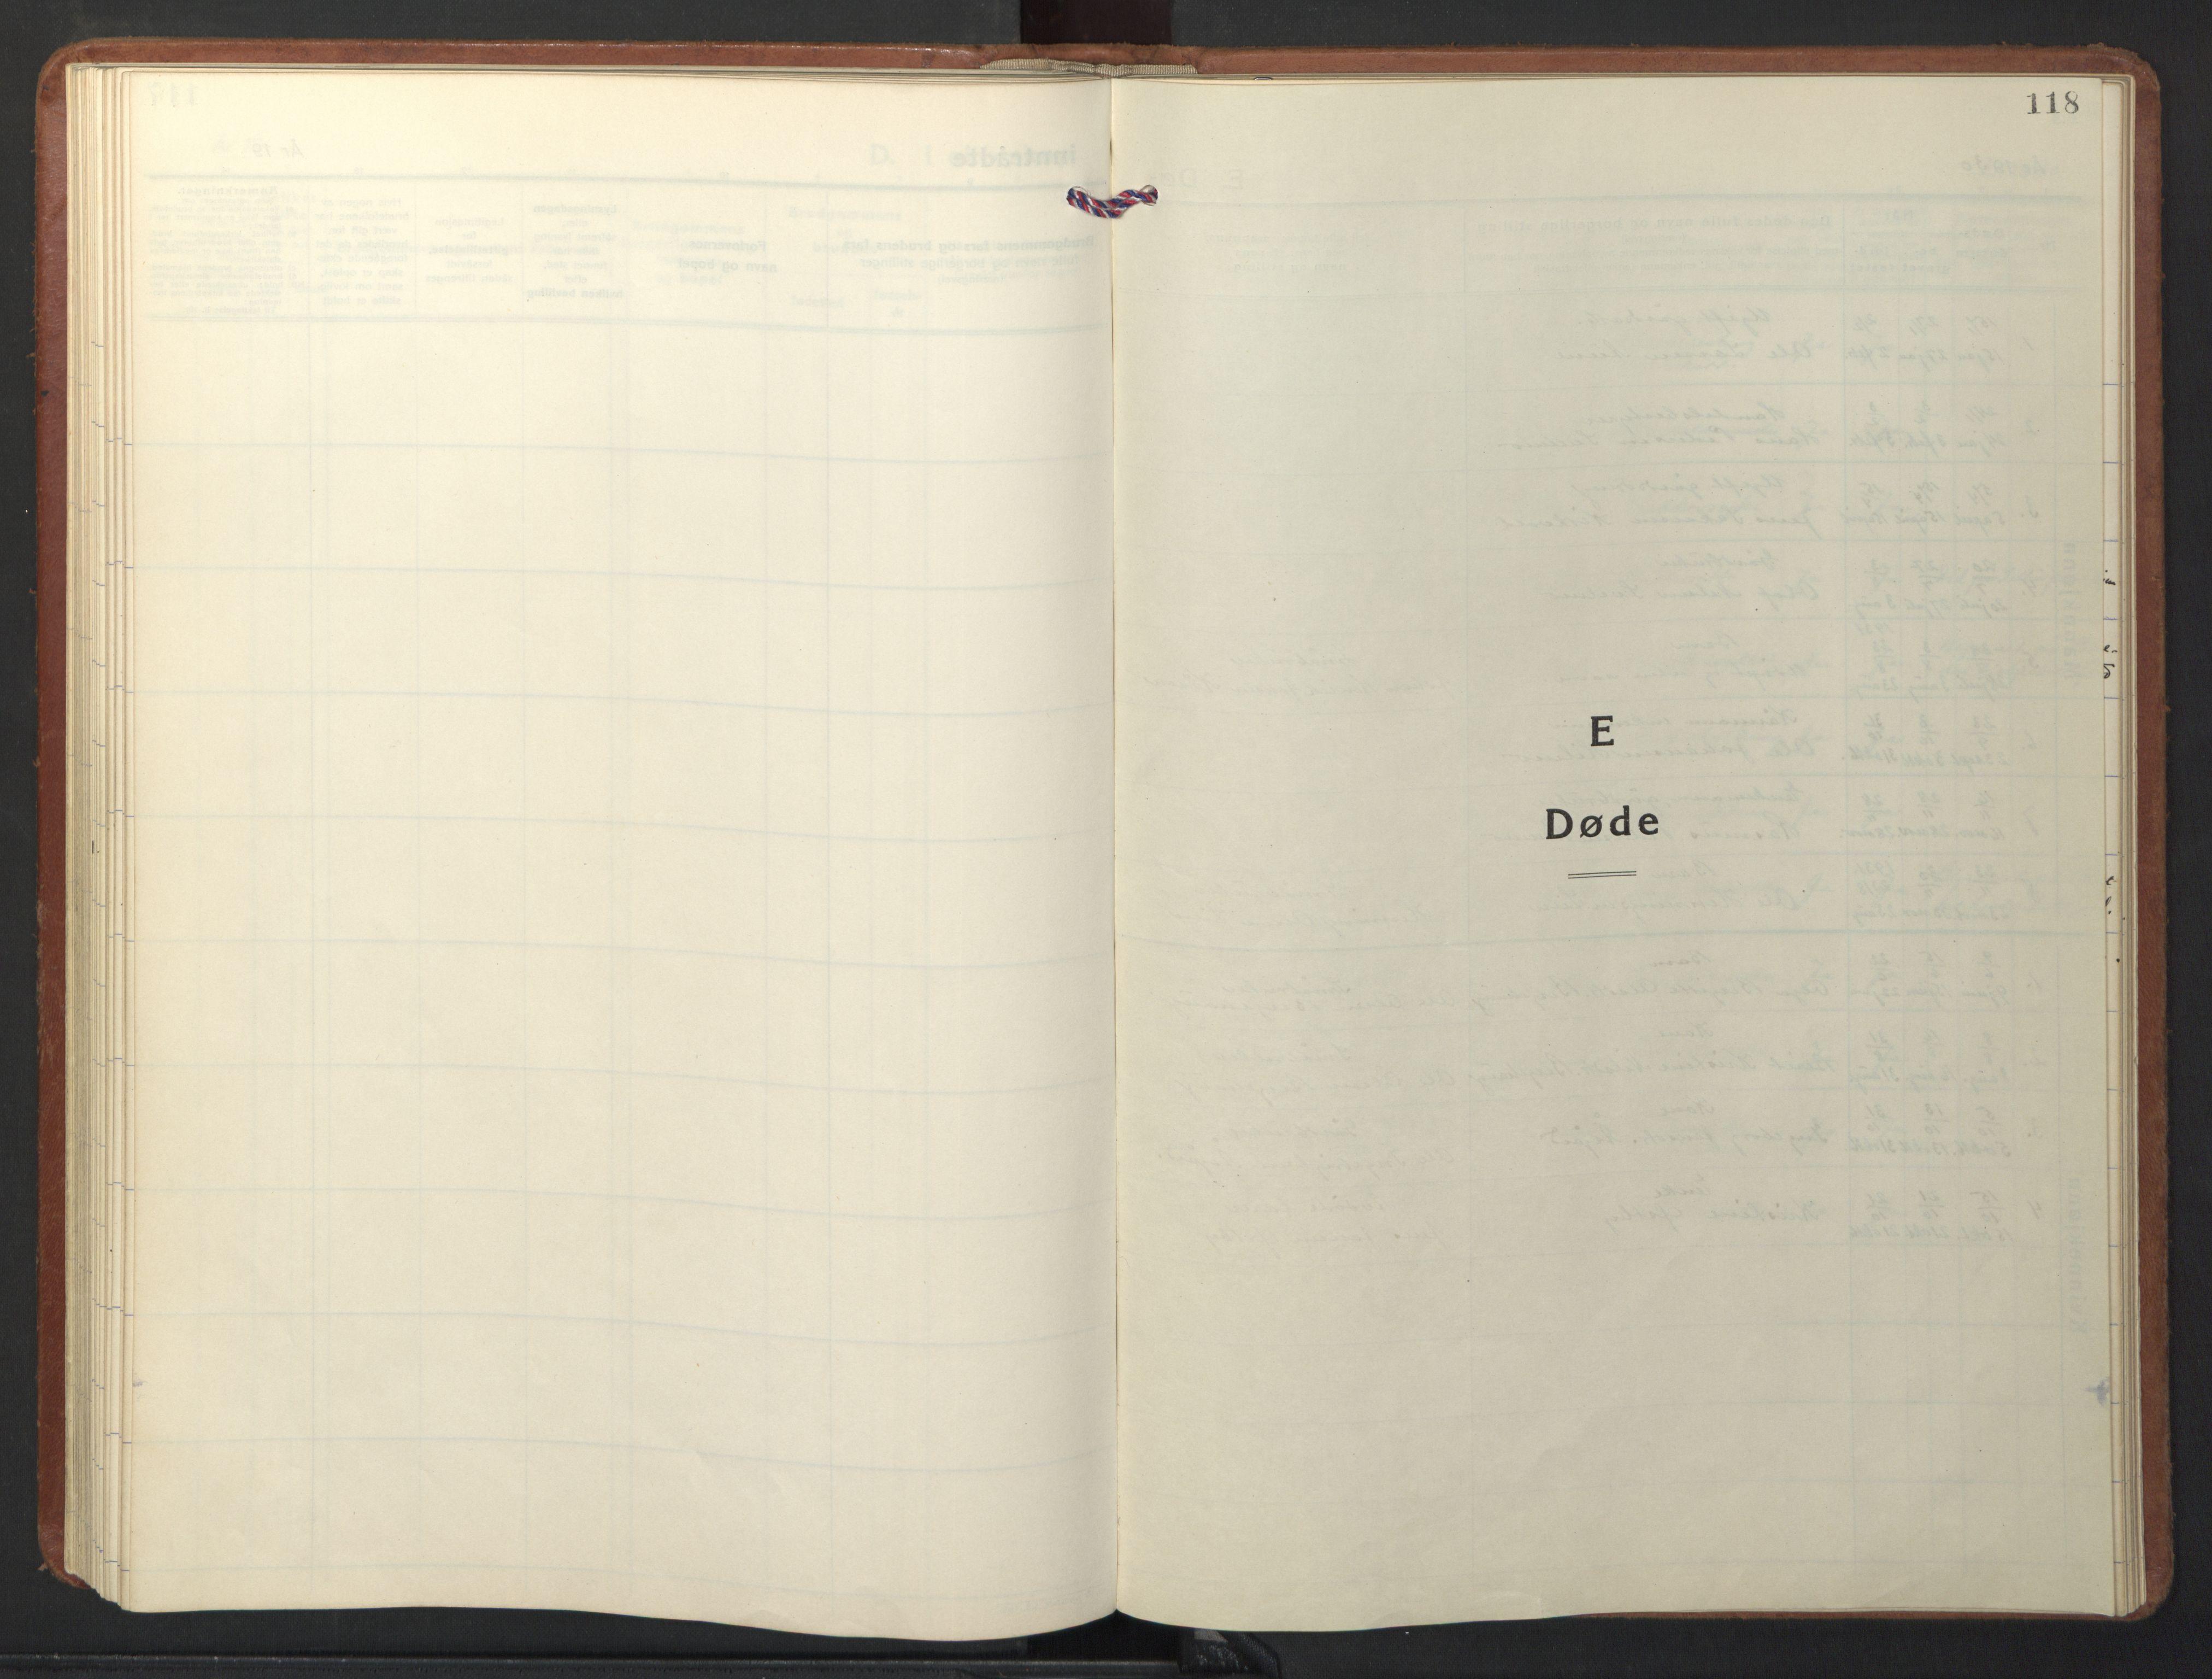 SAT, Ministerialprotokoller, klokkerbøker og fødselsregistre - Sør-Trøndelag, 698/L1169: Klokkerbok nr. 698C06, 1930-1949, s. 118